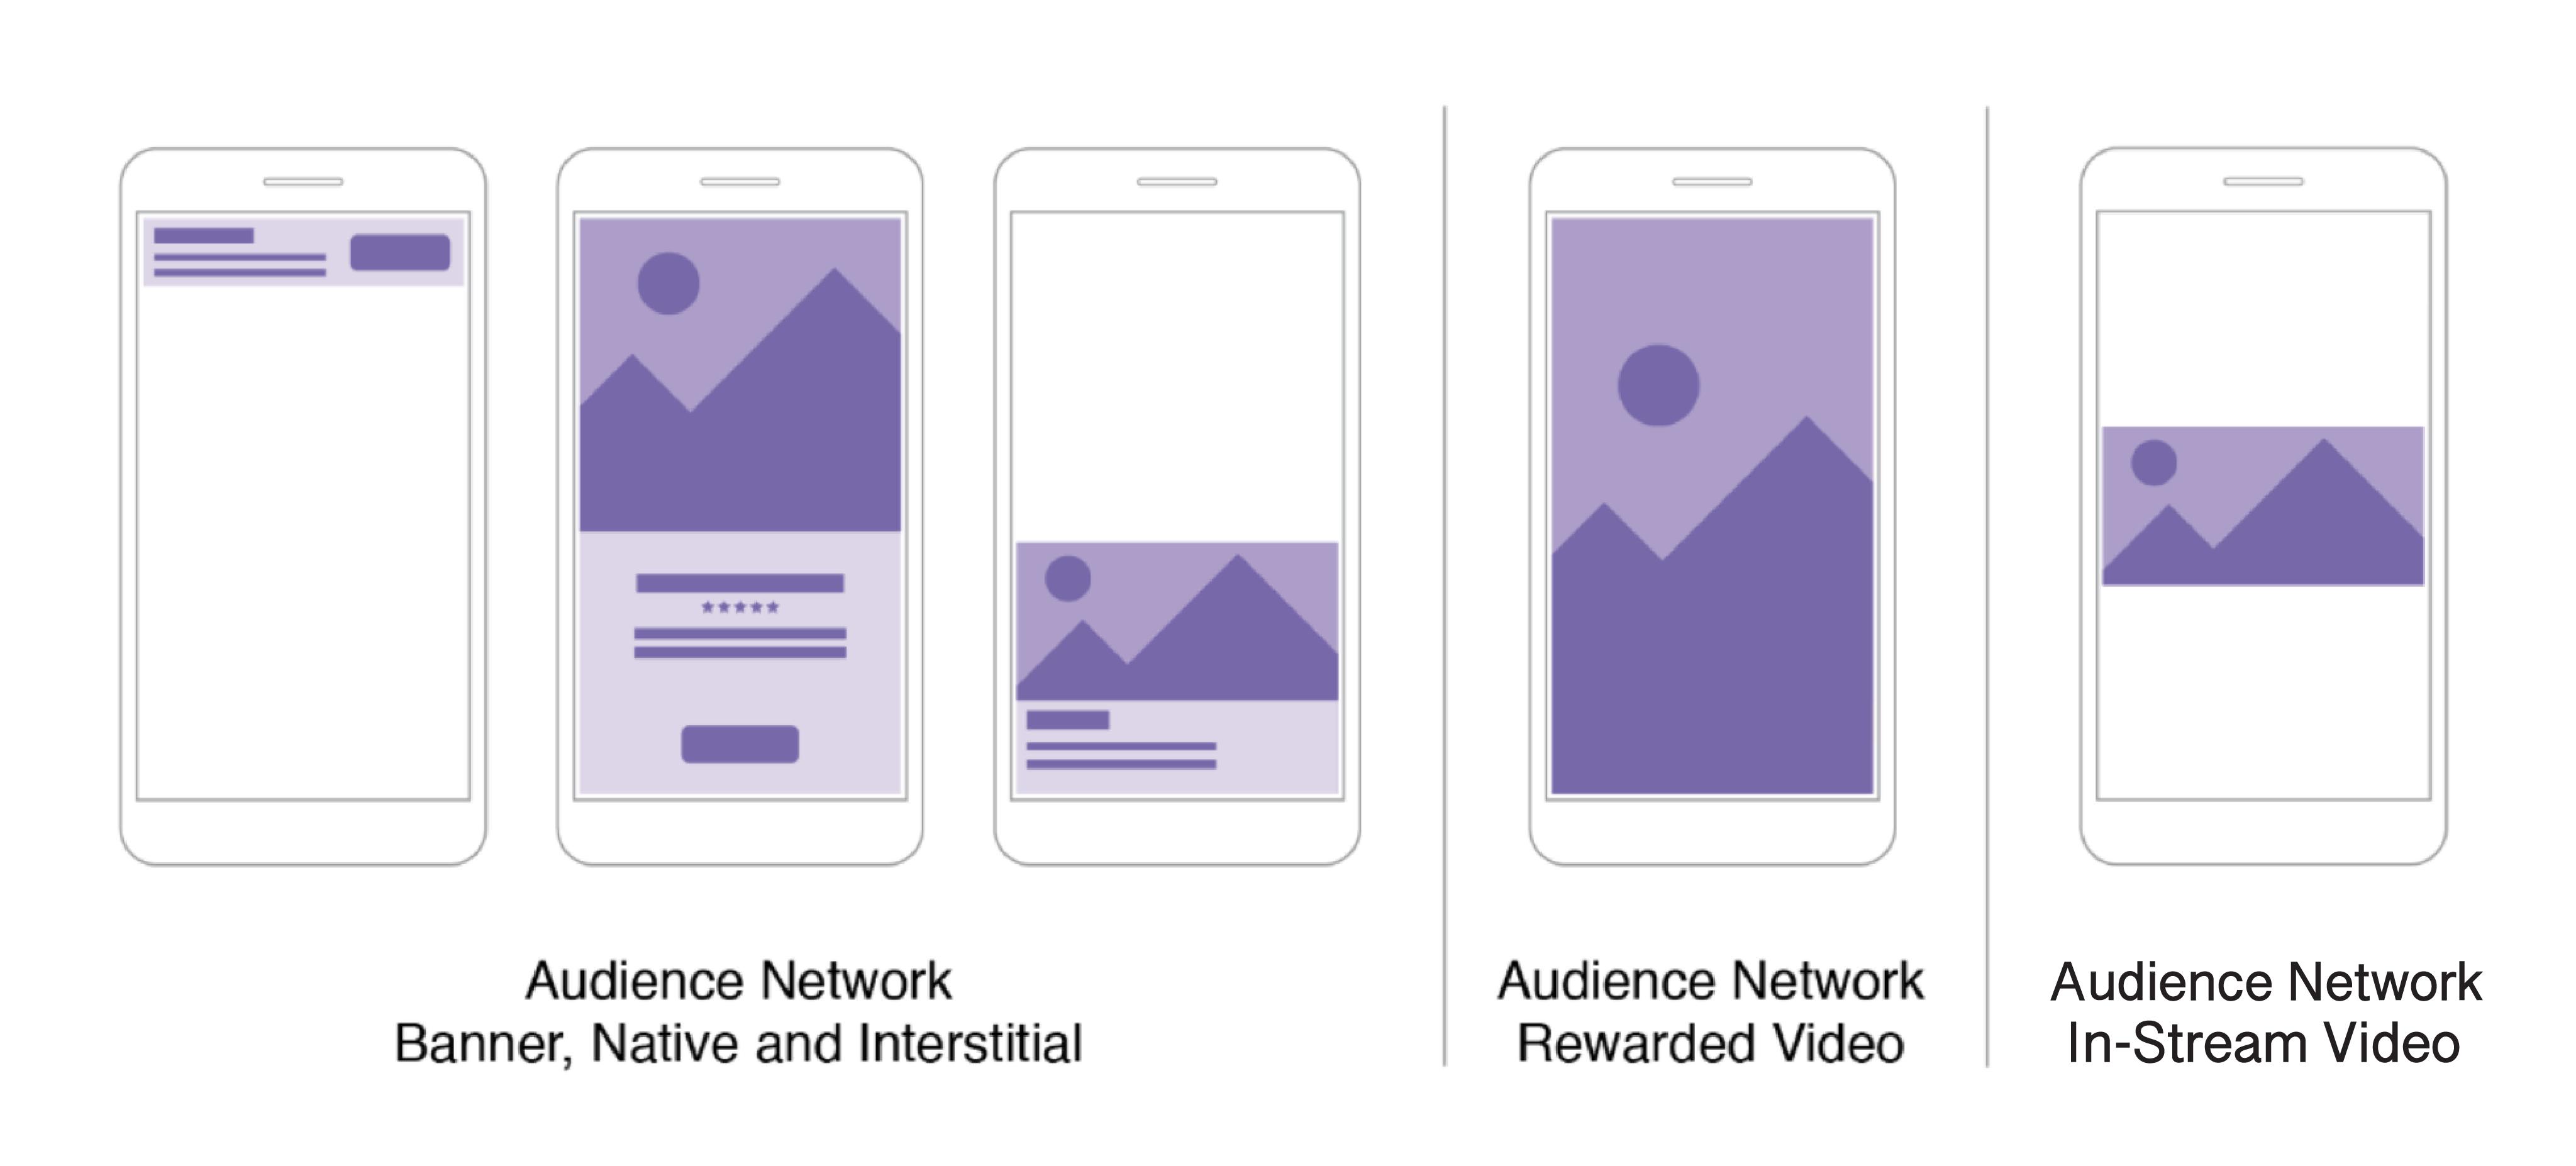 ประเภทของ Audience Network